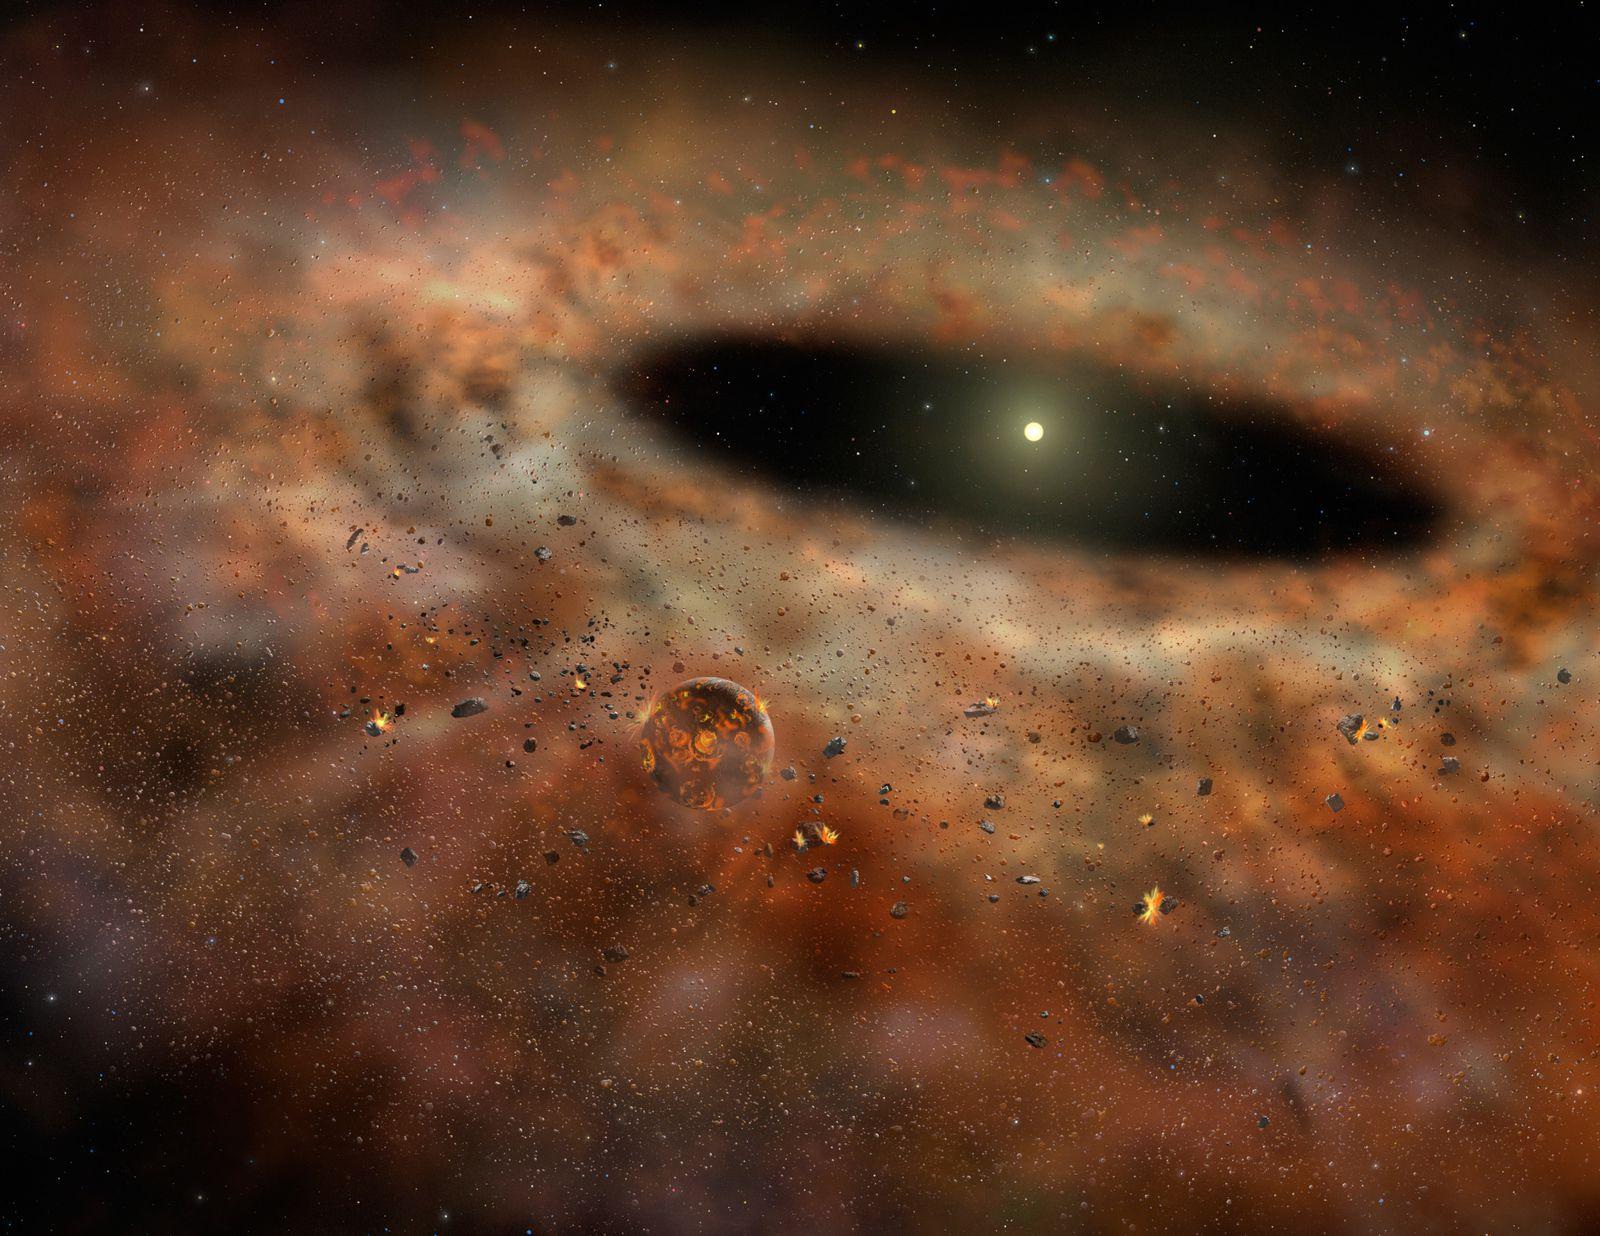 Impressione artistica di come sarebbe potuto apparire a un osservatore relativamente vicino il disco di polveri orbitante intorno a TYC 8241 2652 1, all'epoca in cui i nostri strumenti registravano il massimo di radiazione infrarossa. Cortesia: Gemini Observatory/AURA / Lynette Cook